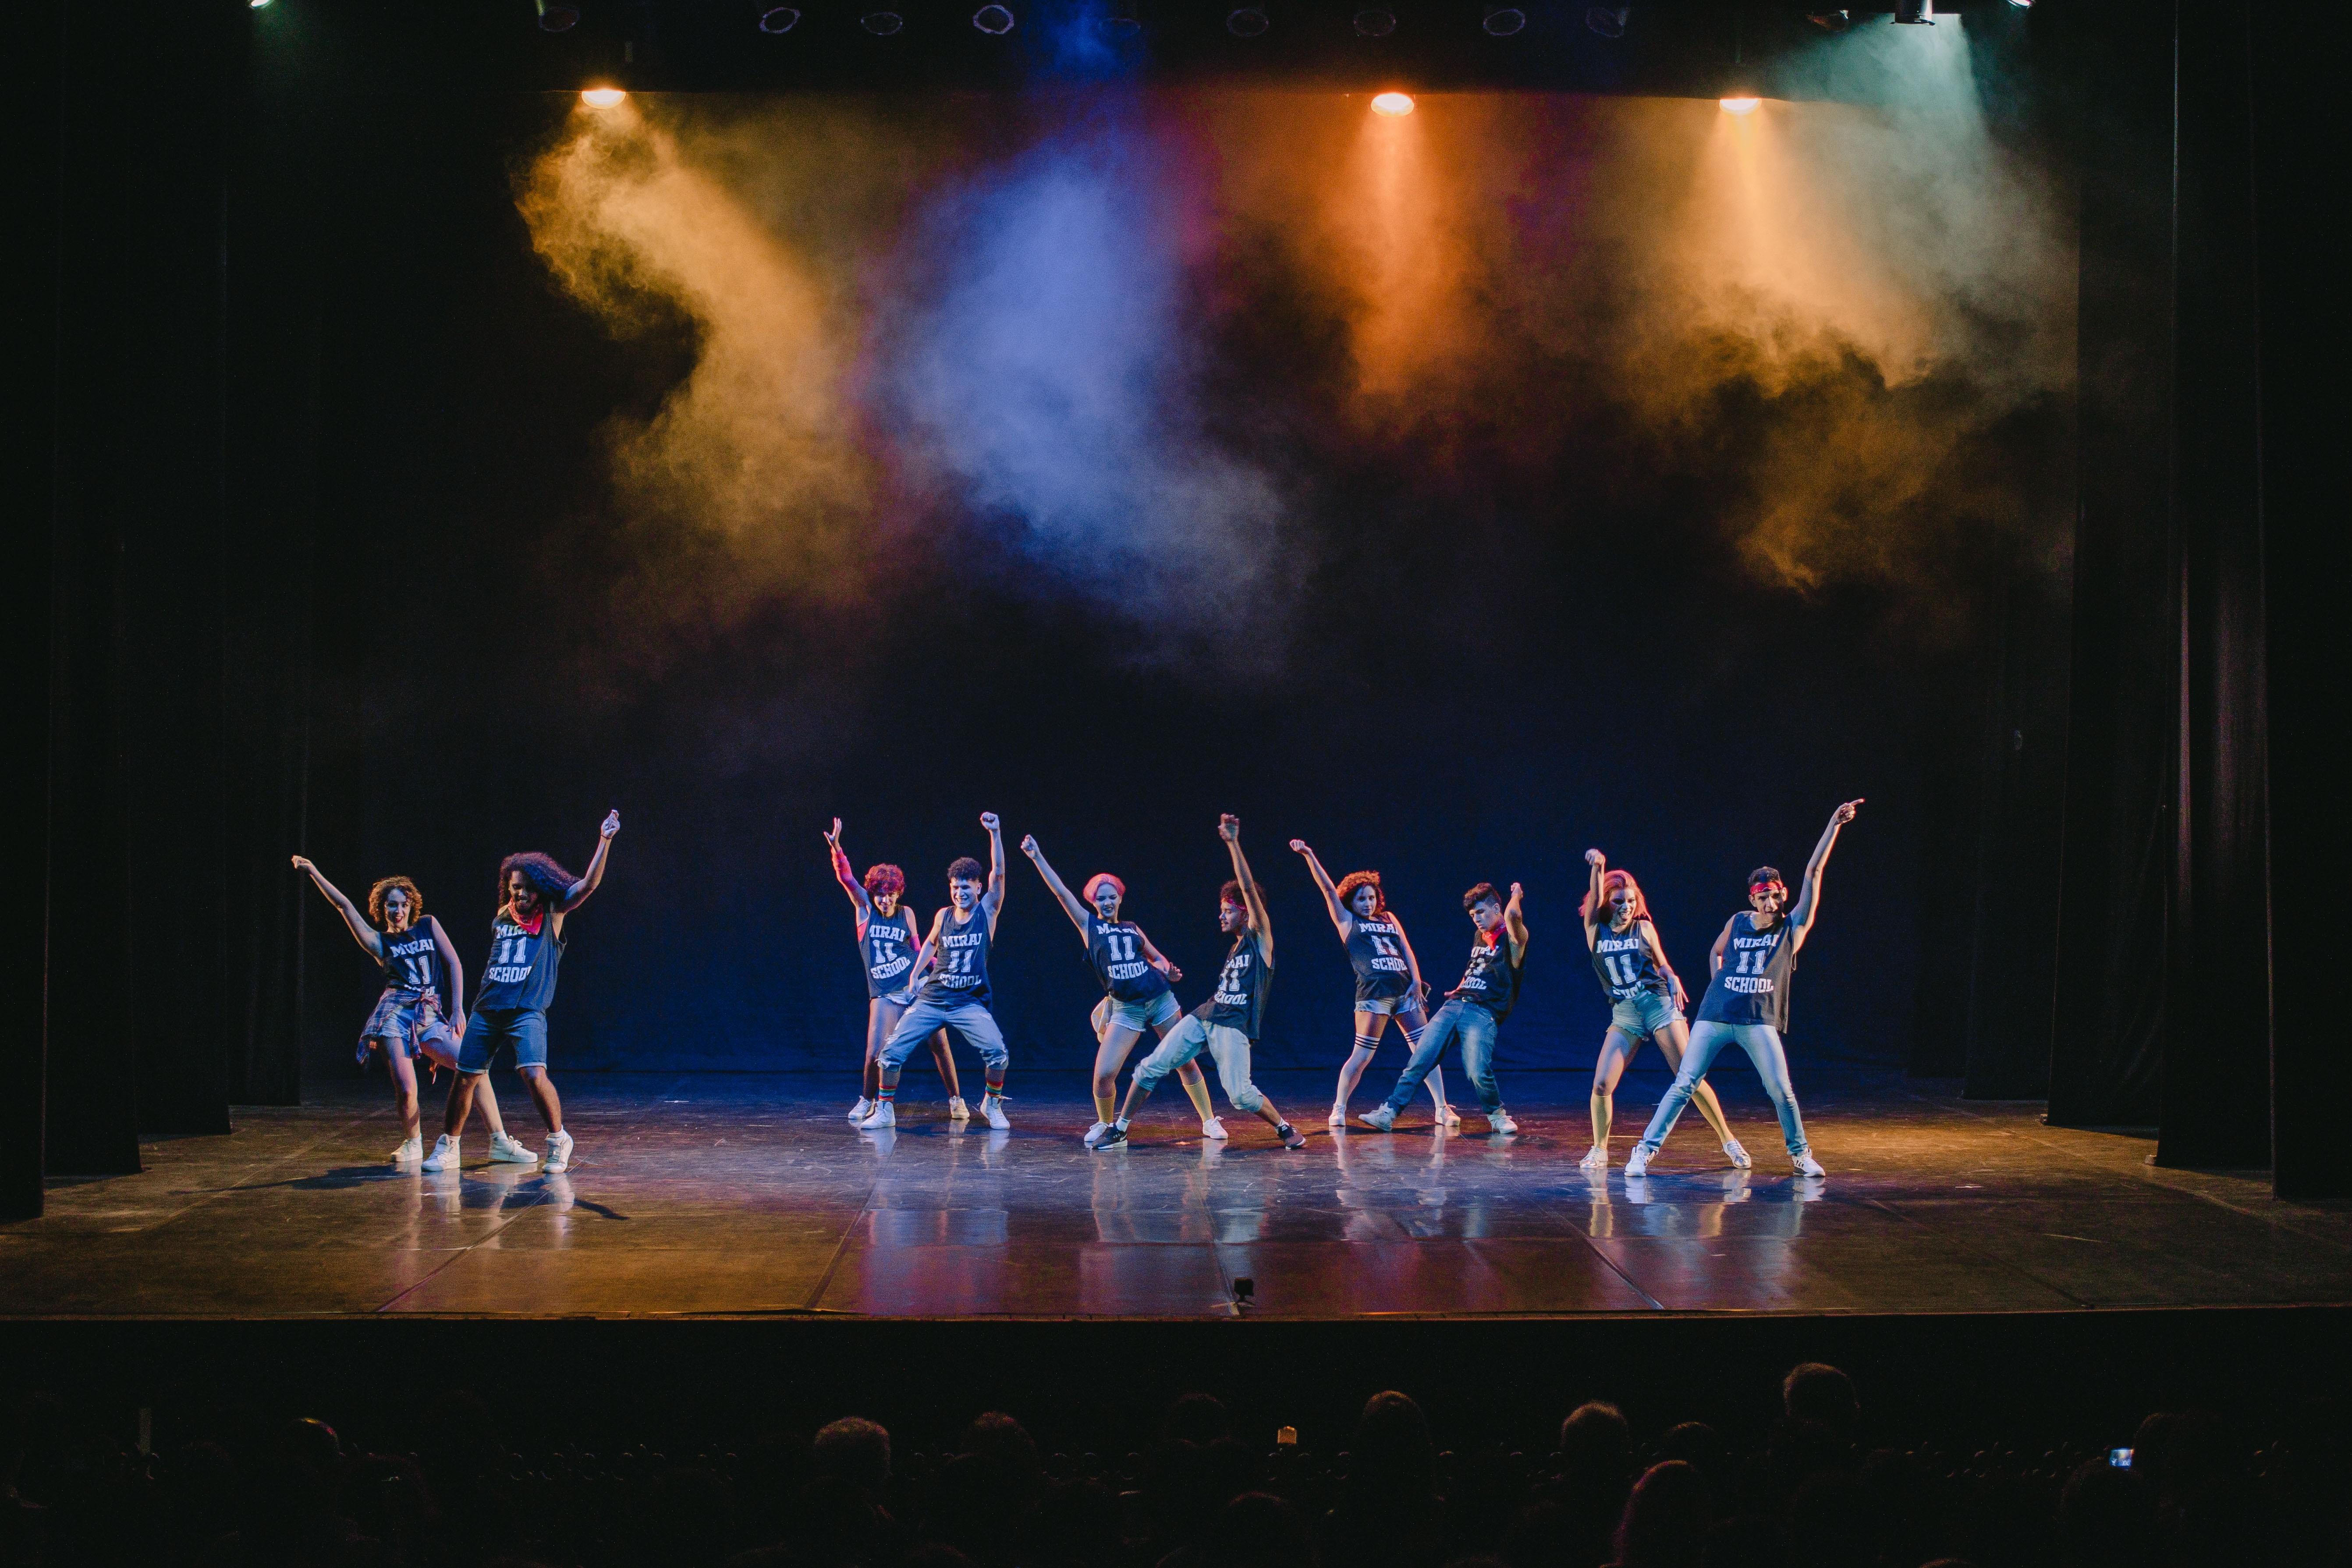 Festival de dança em Belém inscreve dançarinos profissionais e iniciantes